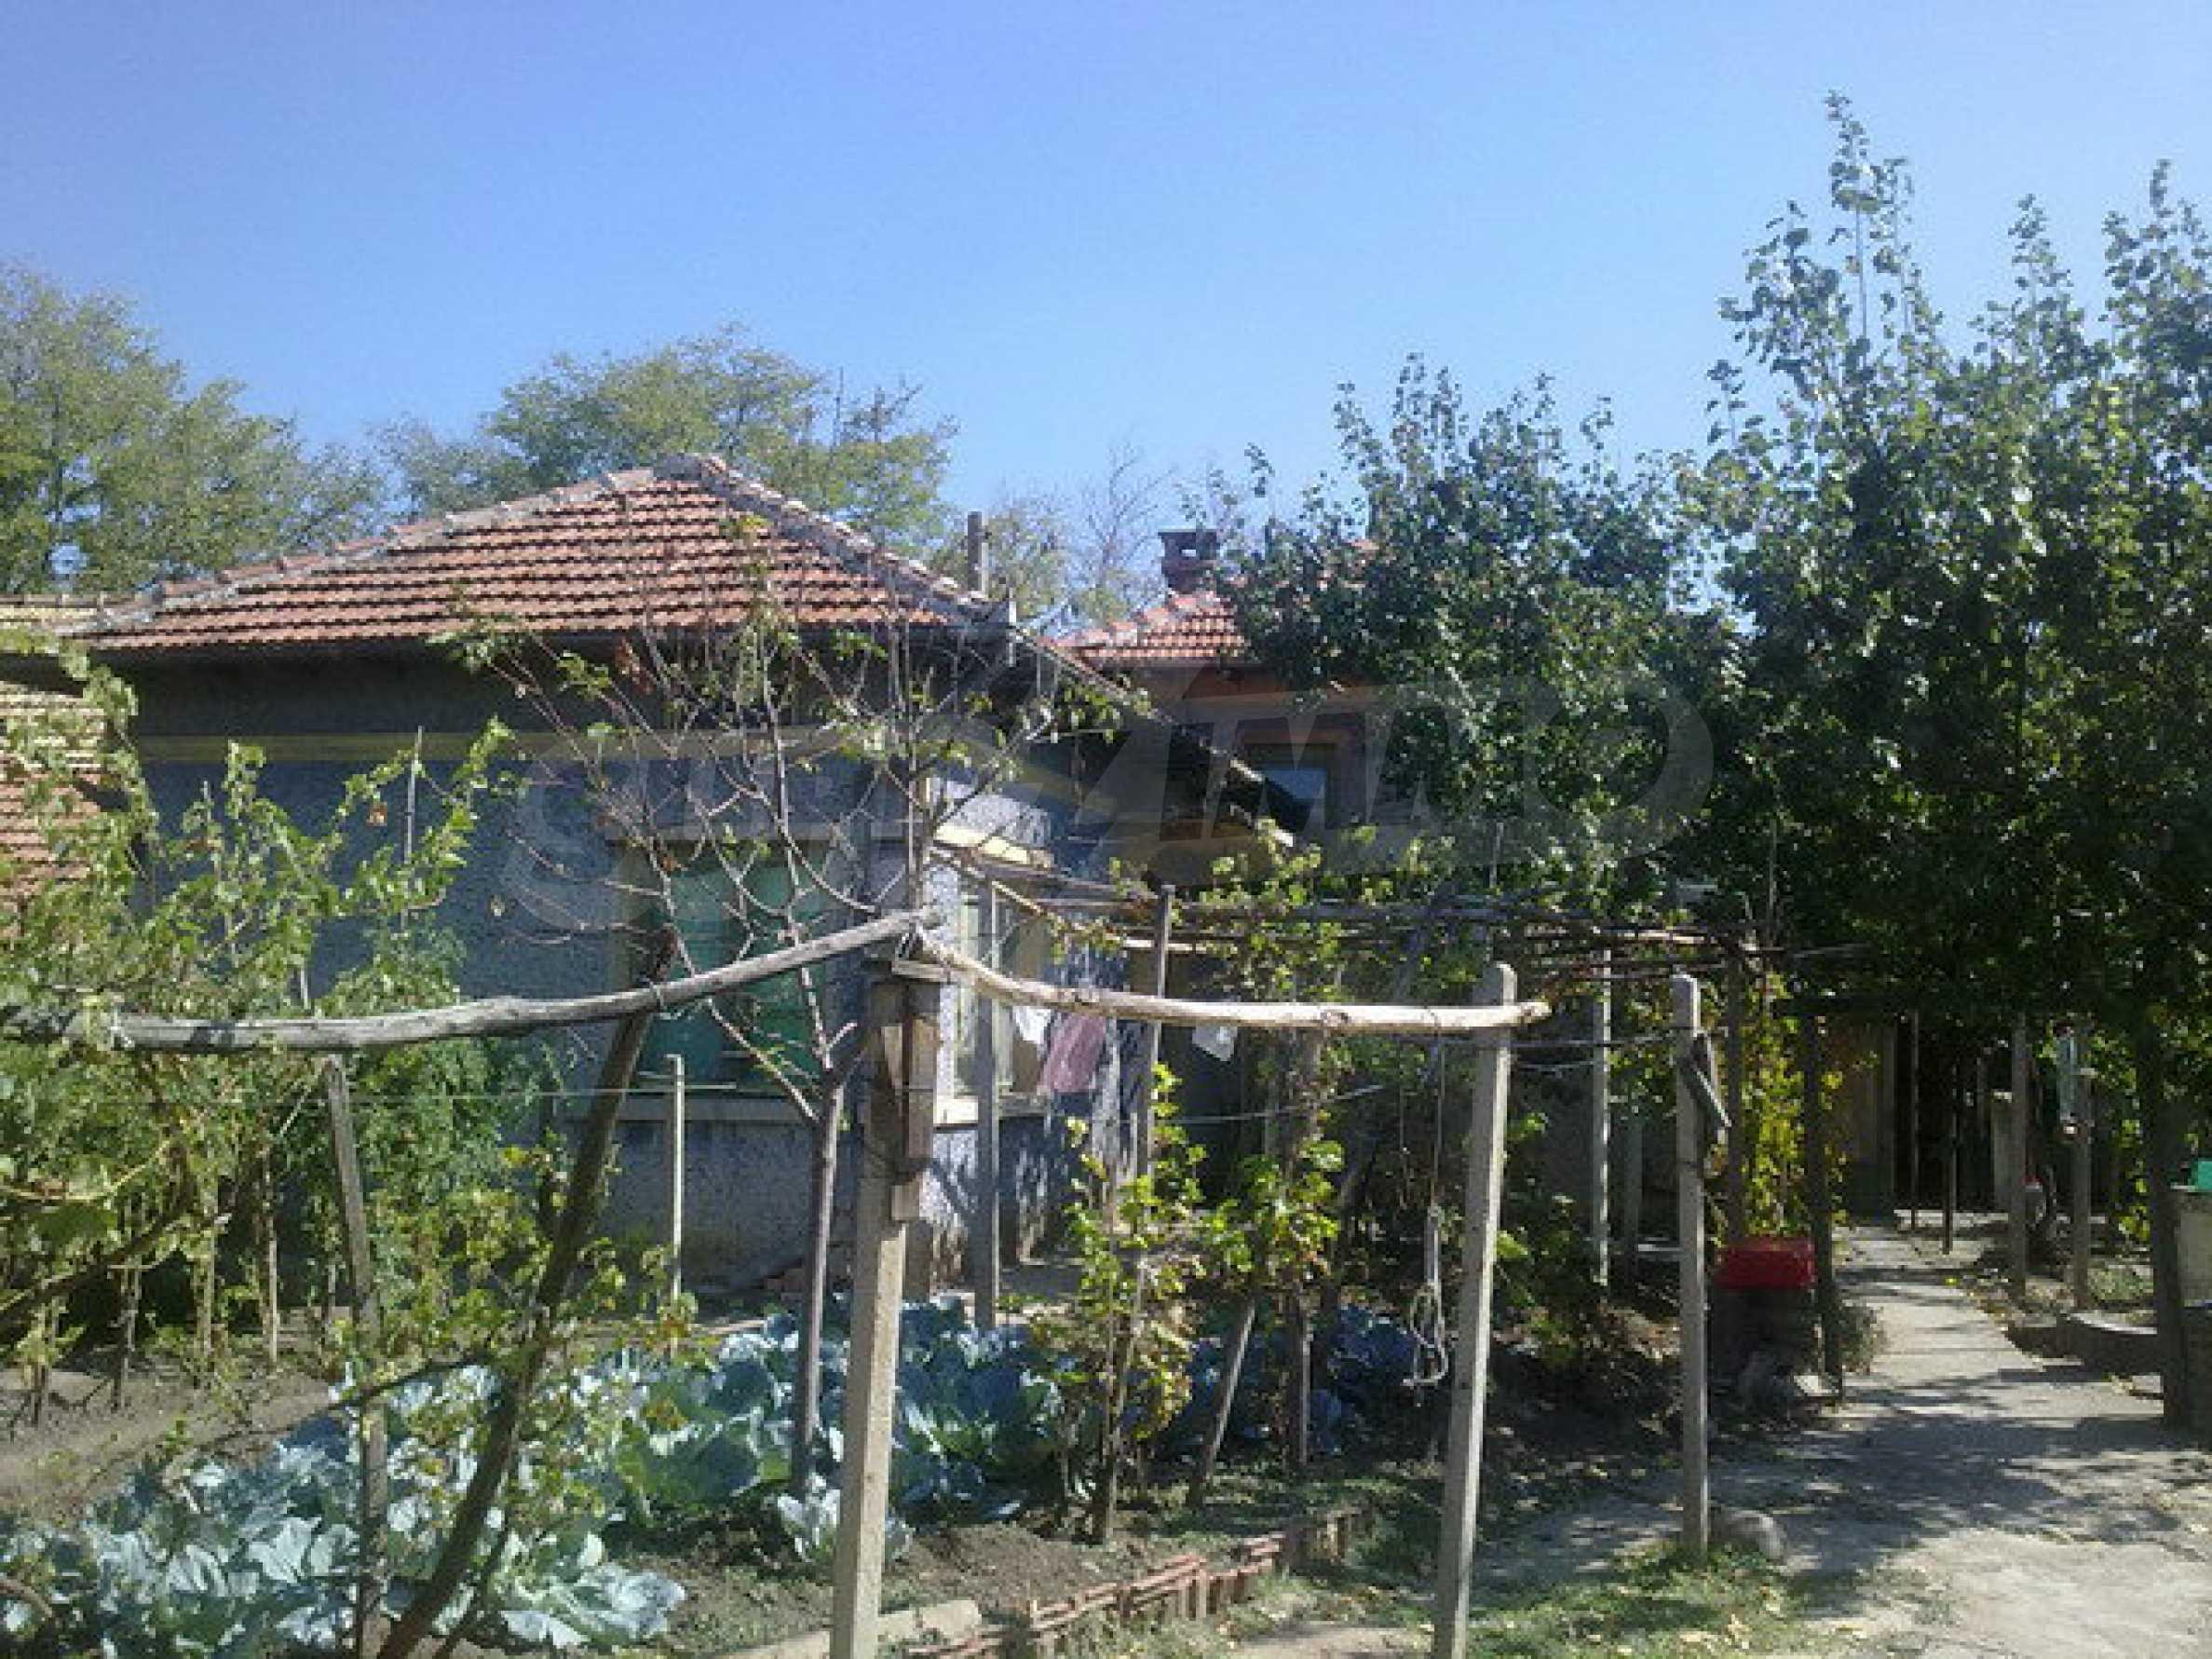 Schönes Haus in einem großen Dorf 2